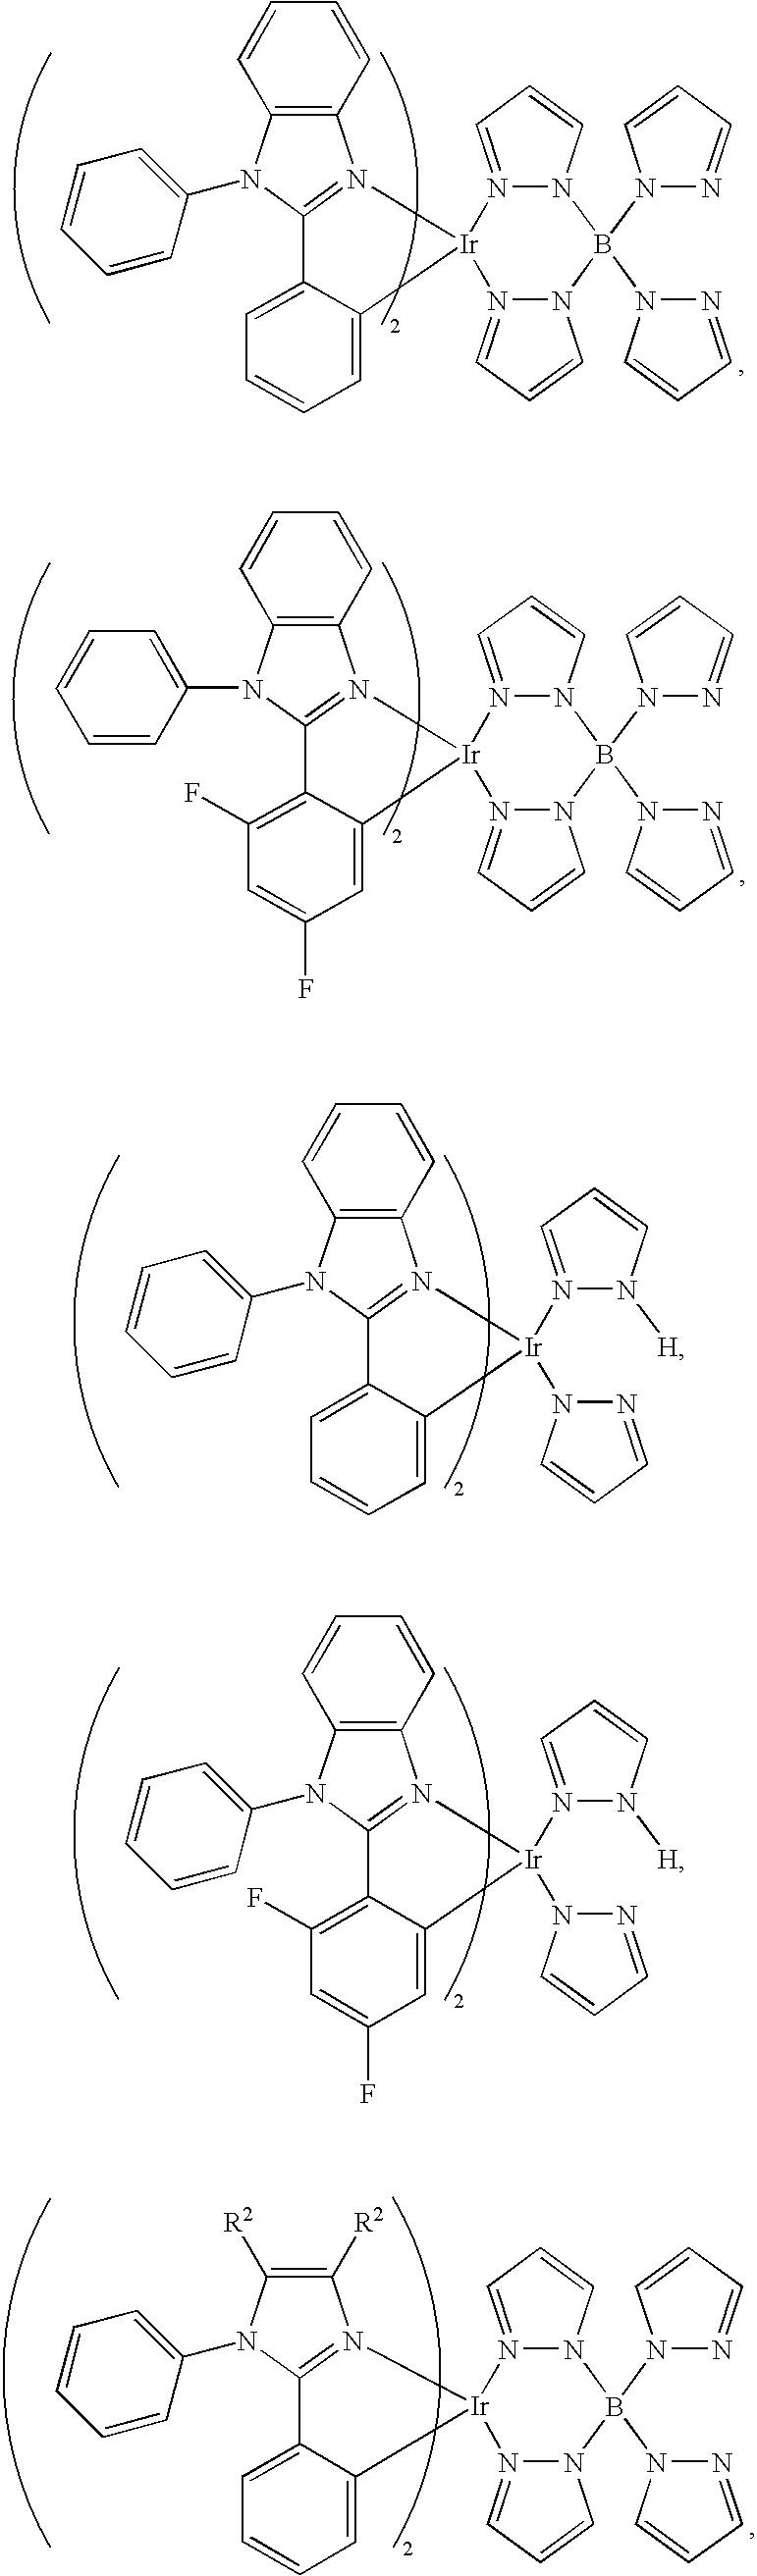 Figure US20060078758A1-20060413-C00018